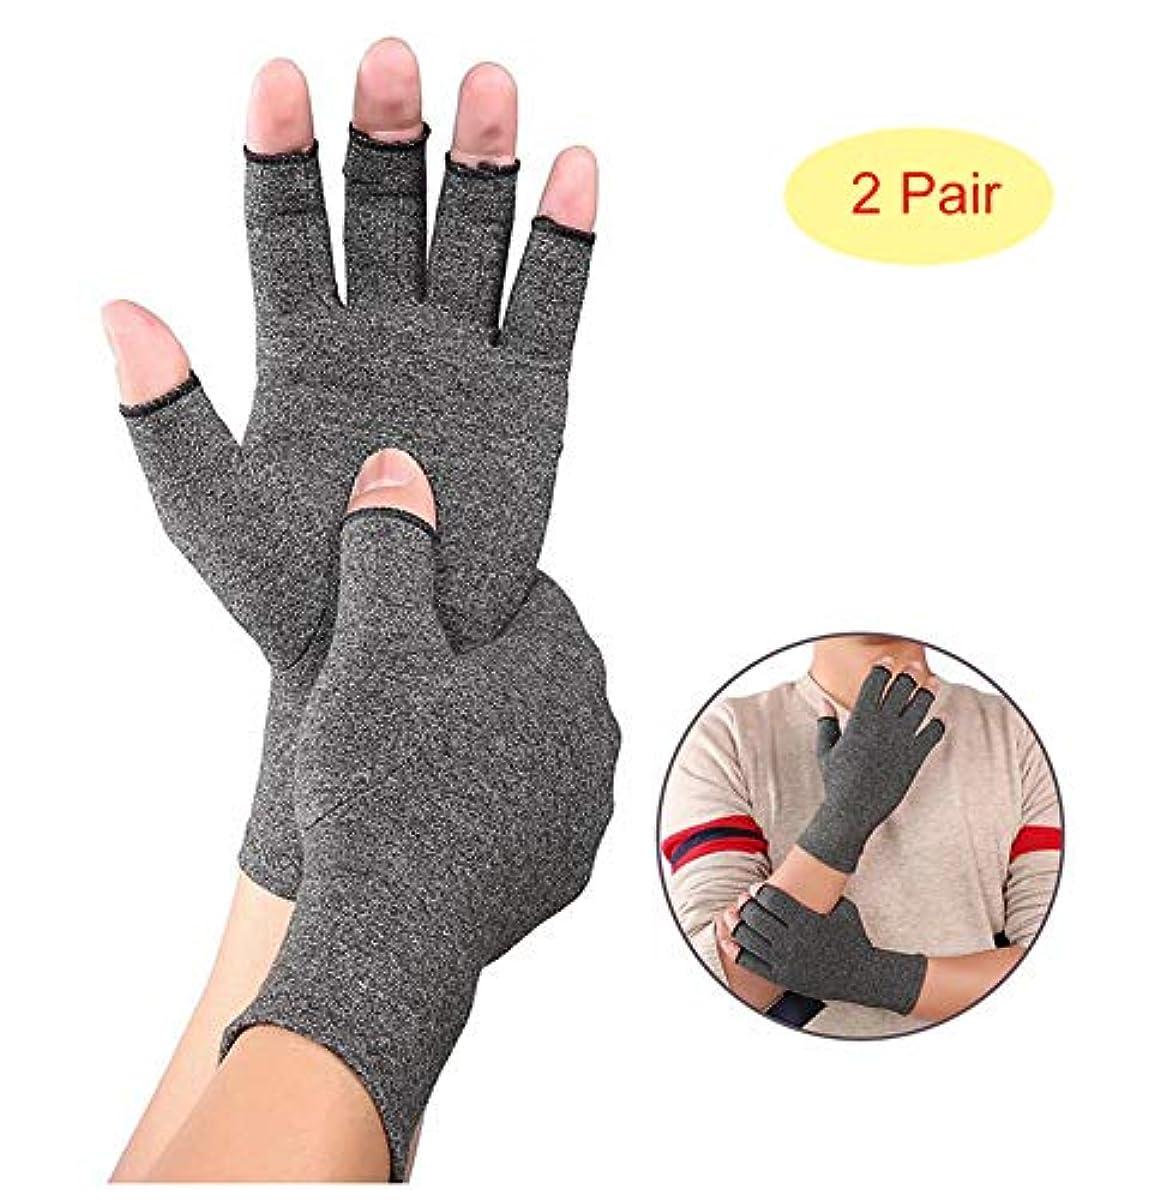 急速な復活するかなりの関節炎手袋、灰色通気性、毎日の仕事、手と関節の痛みの軽減のための抗関節炎の健康療法の圧縮手袋,2Pair,S